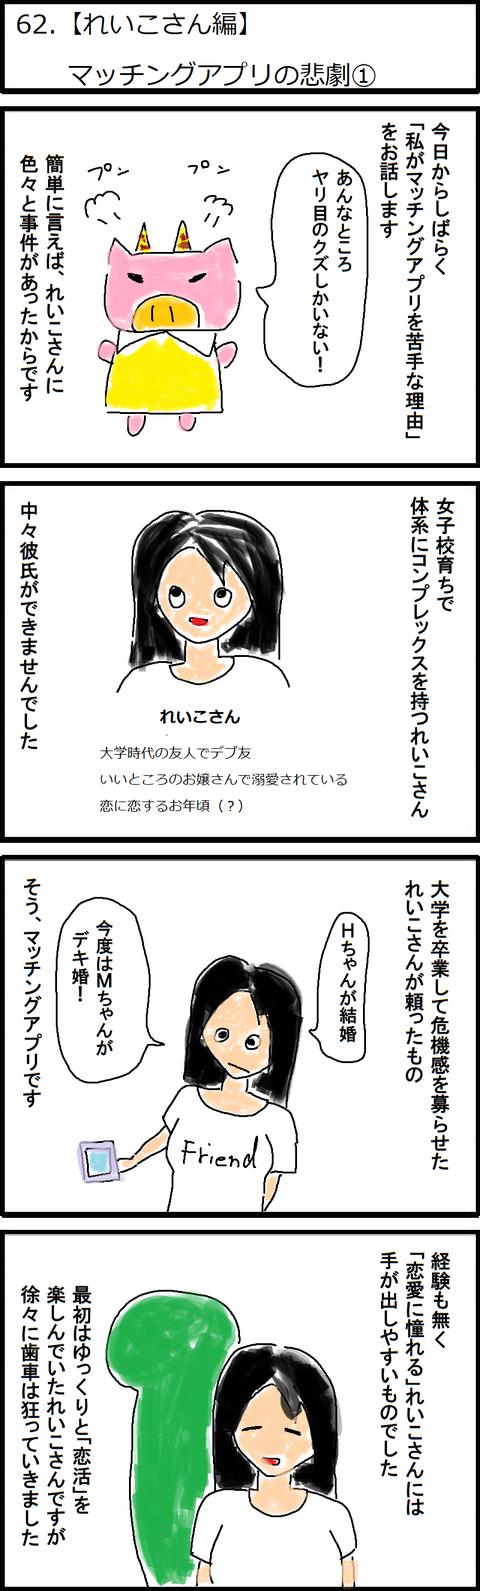 62.【れいこさん編】マッチングアプリの悲劇①